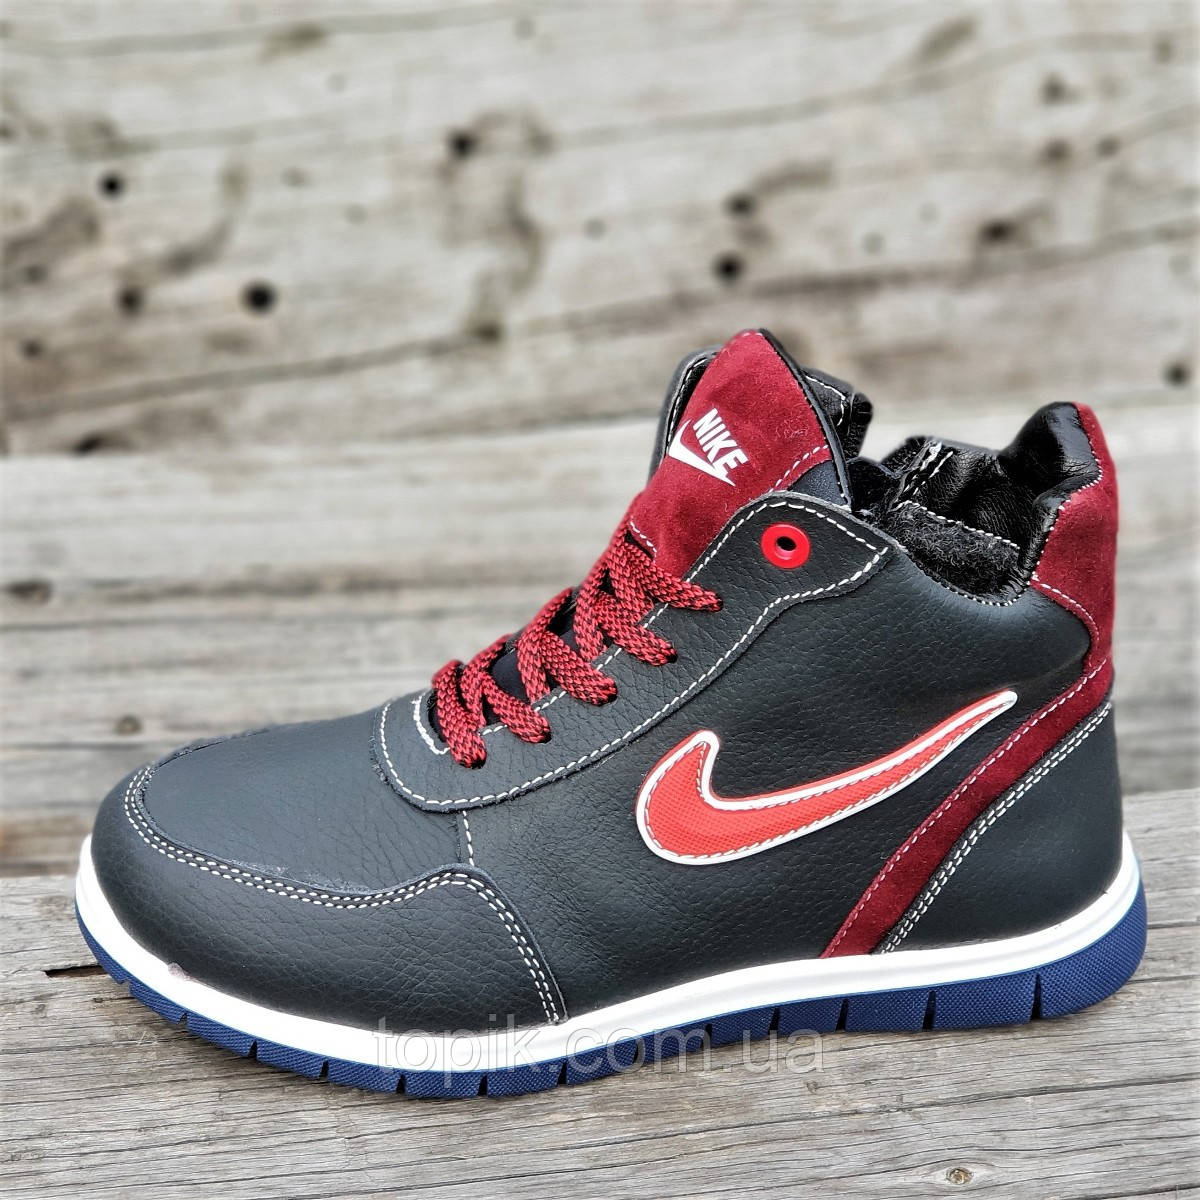 Зимние детские кожаные ботинки кроссовки на шнурках и молнии черные натуральный мех (Код: 1260)